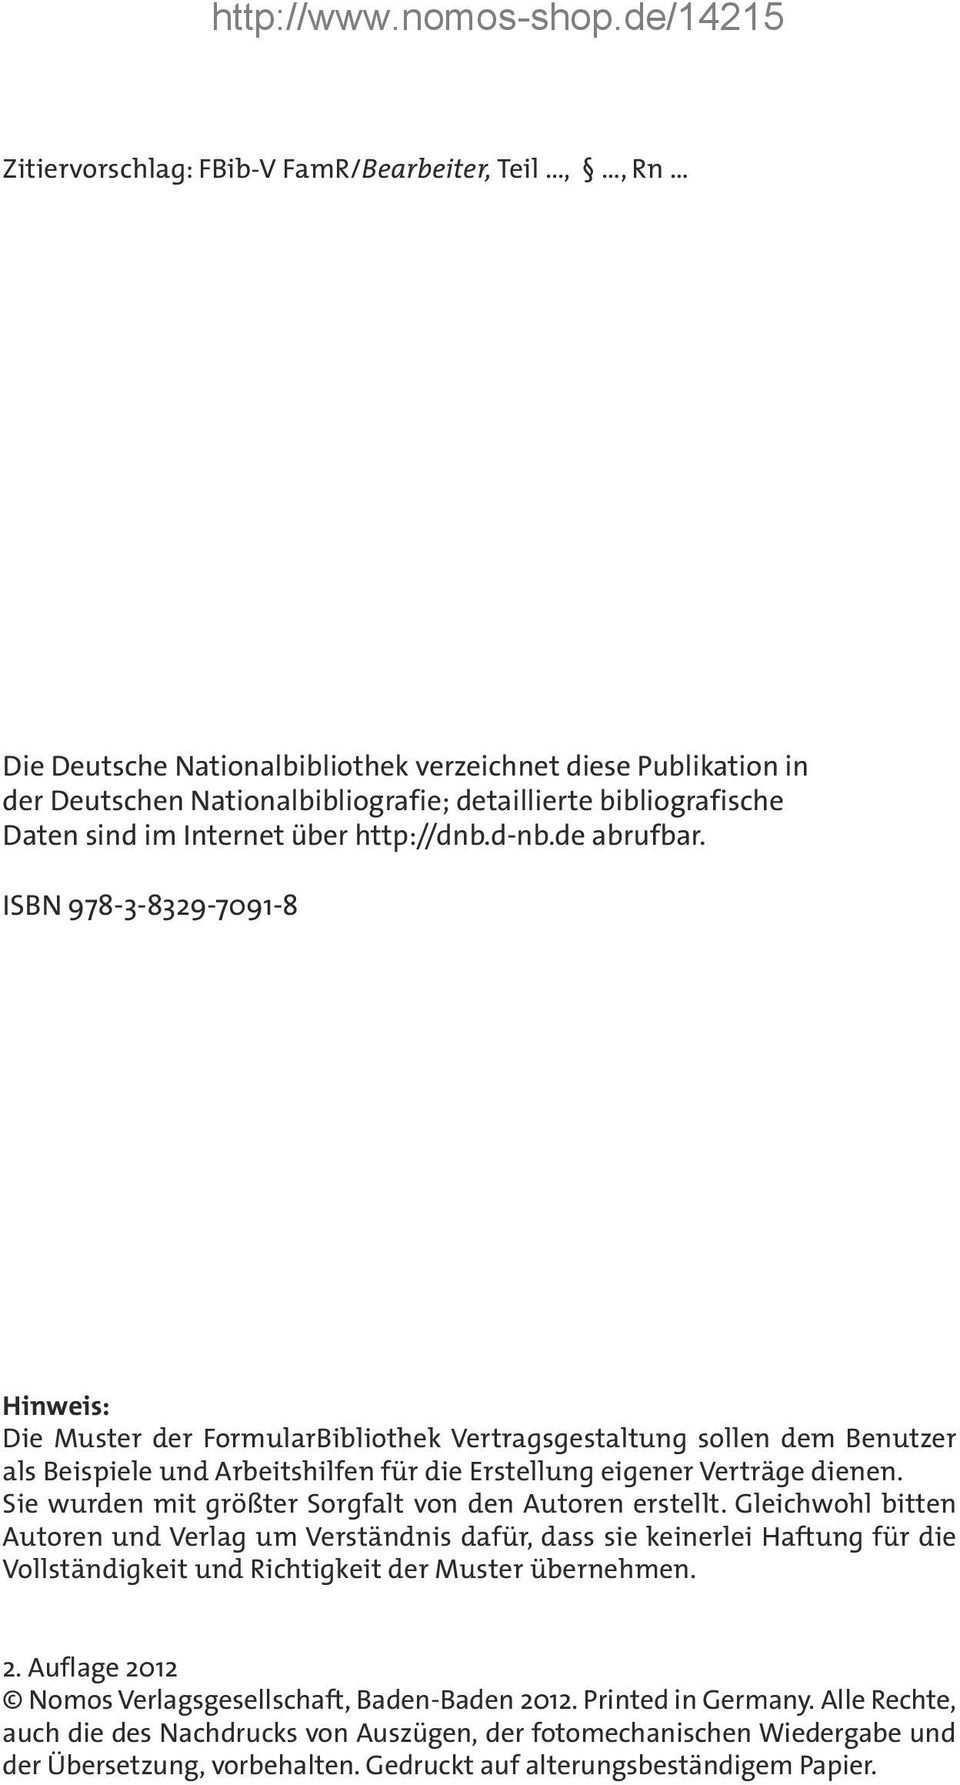 Heiss Groffmann Mayer Familienrecht 2 Auflage Nomos Pdf Free Download